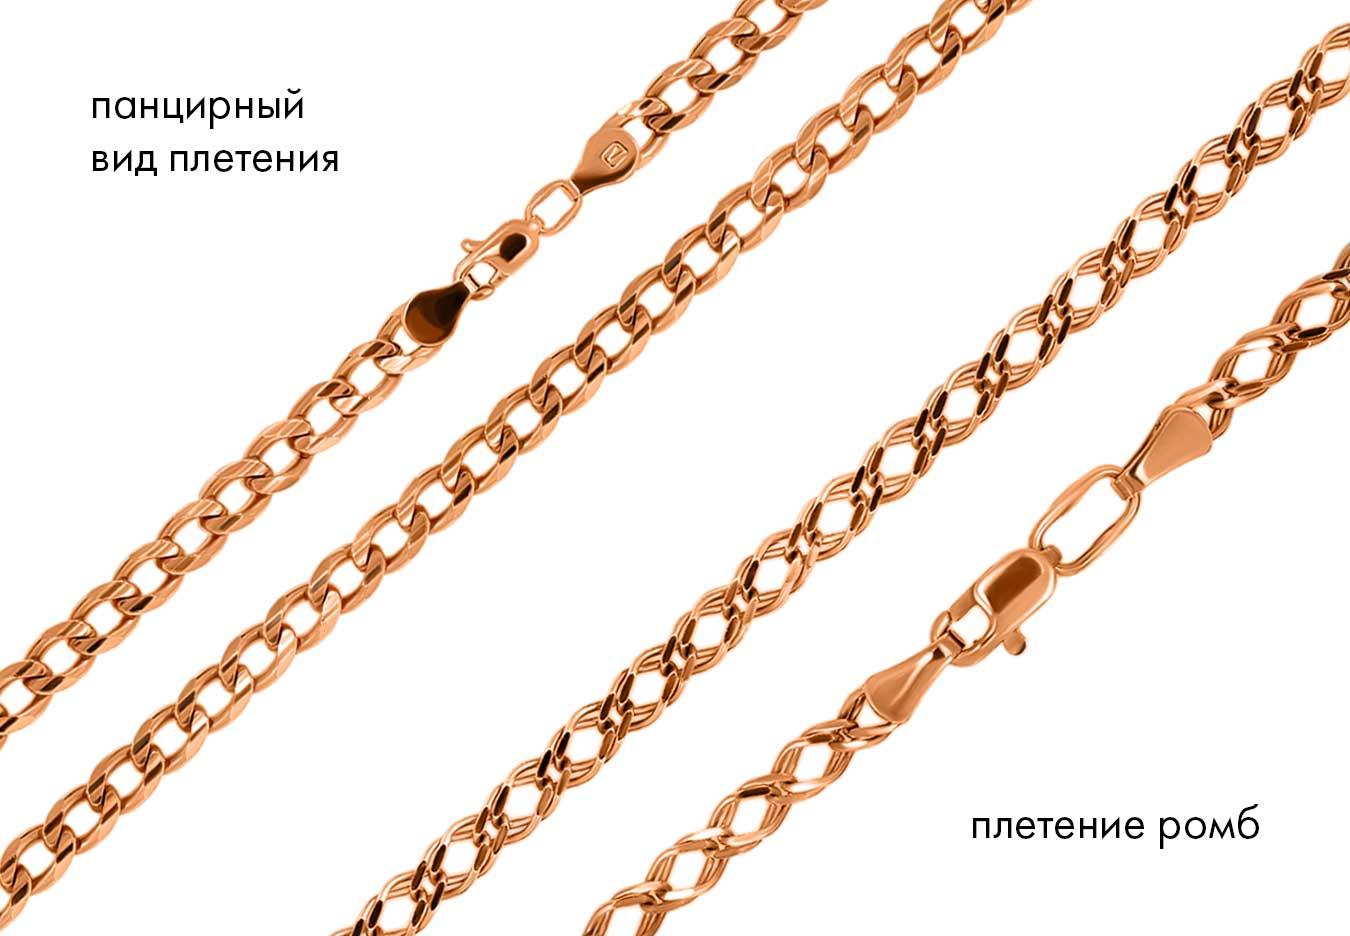 цепочка золотая, плетение панцирное и ромб